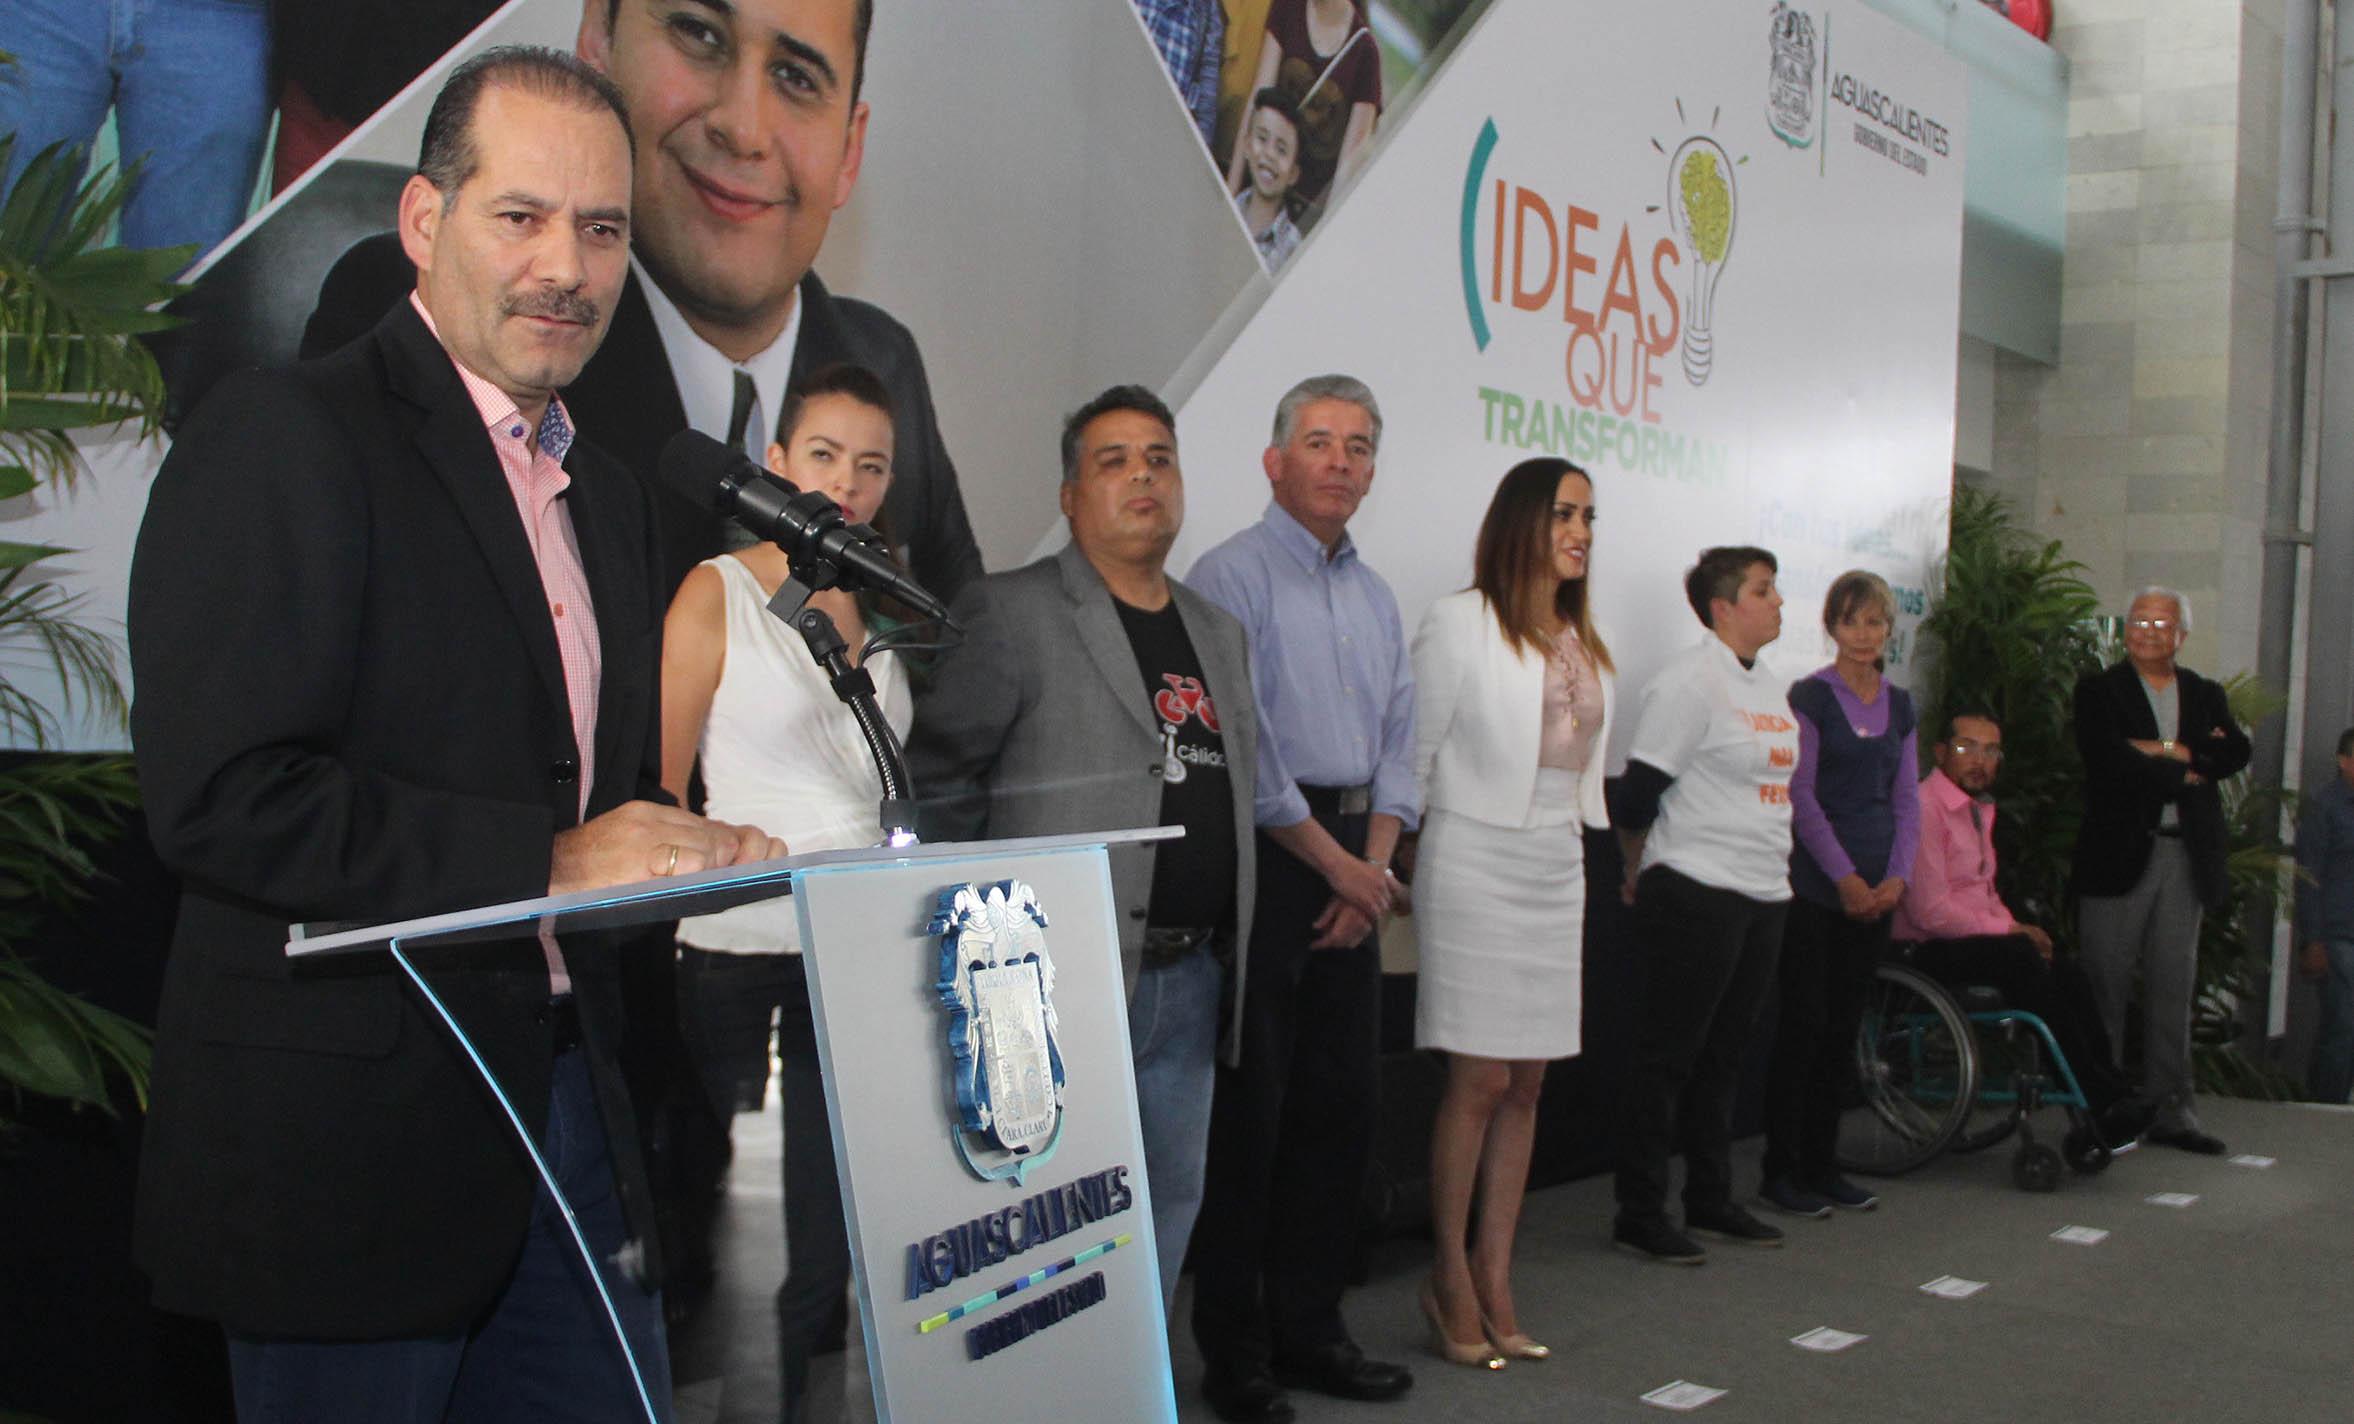 EL PLAN ESTATAL DE DESARROLLO 2016-2022 CONJUNTARÁ LAS IDEAS DE LOS CIUDADANOS CON EL GOBIERNO